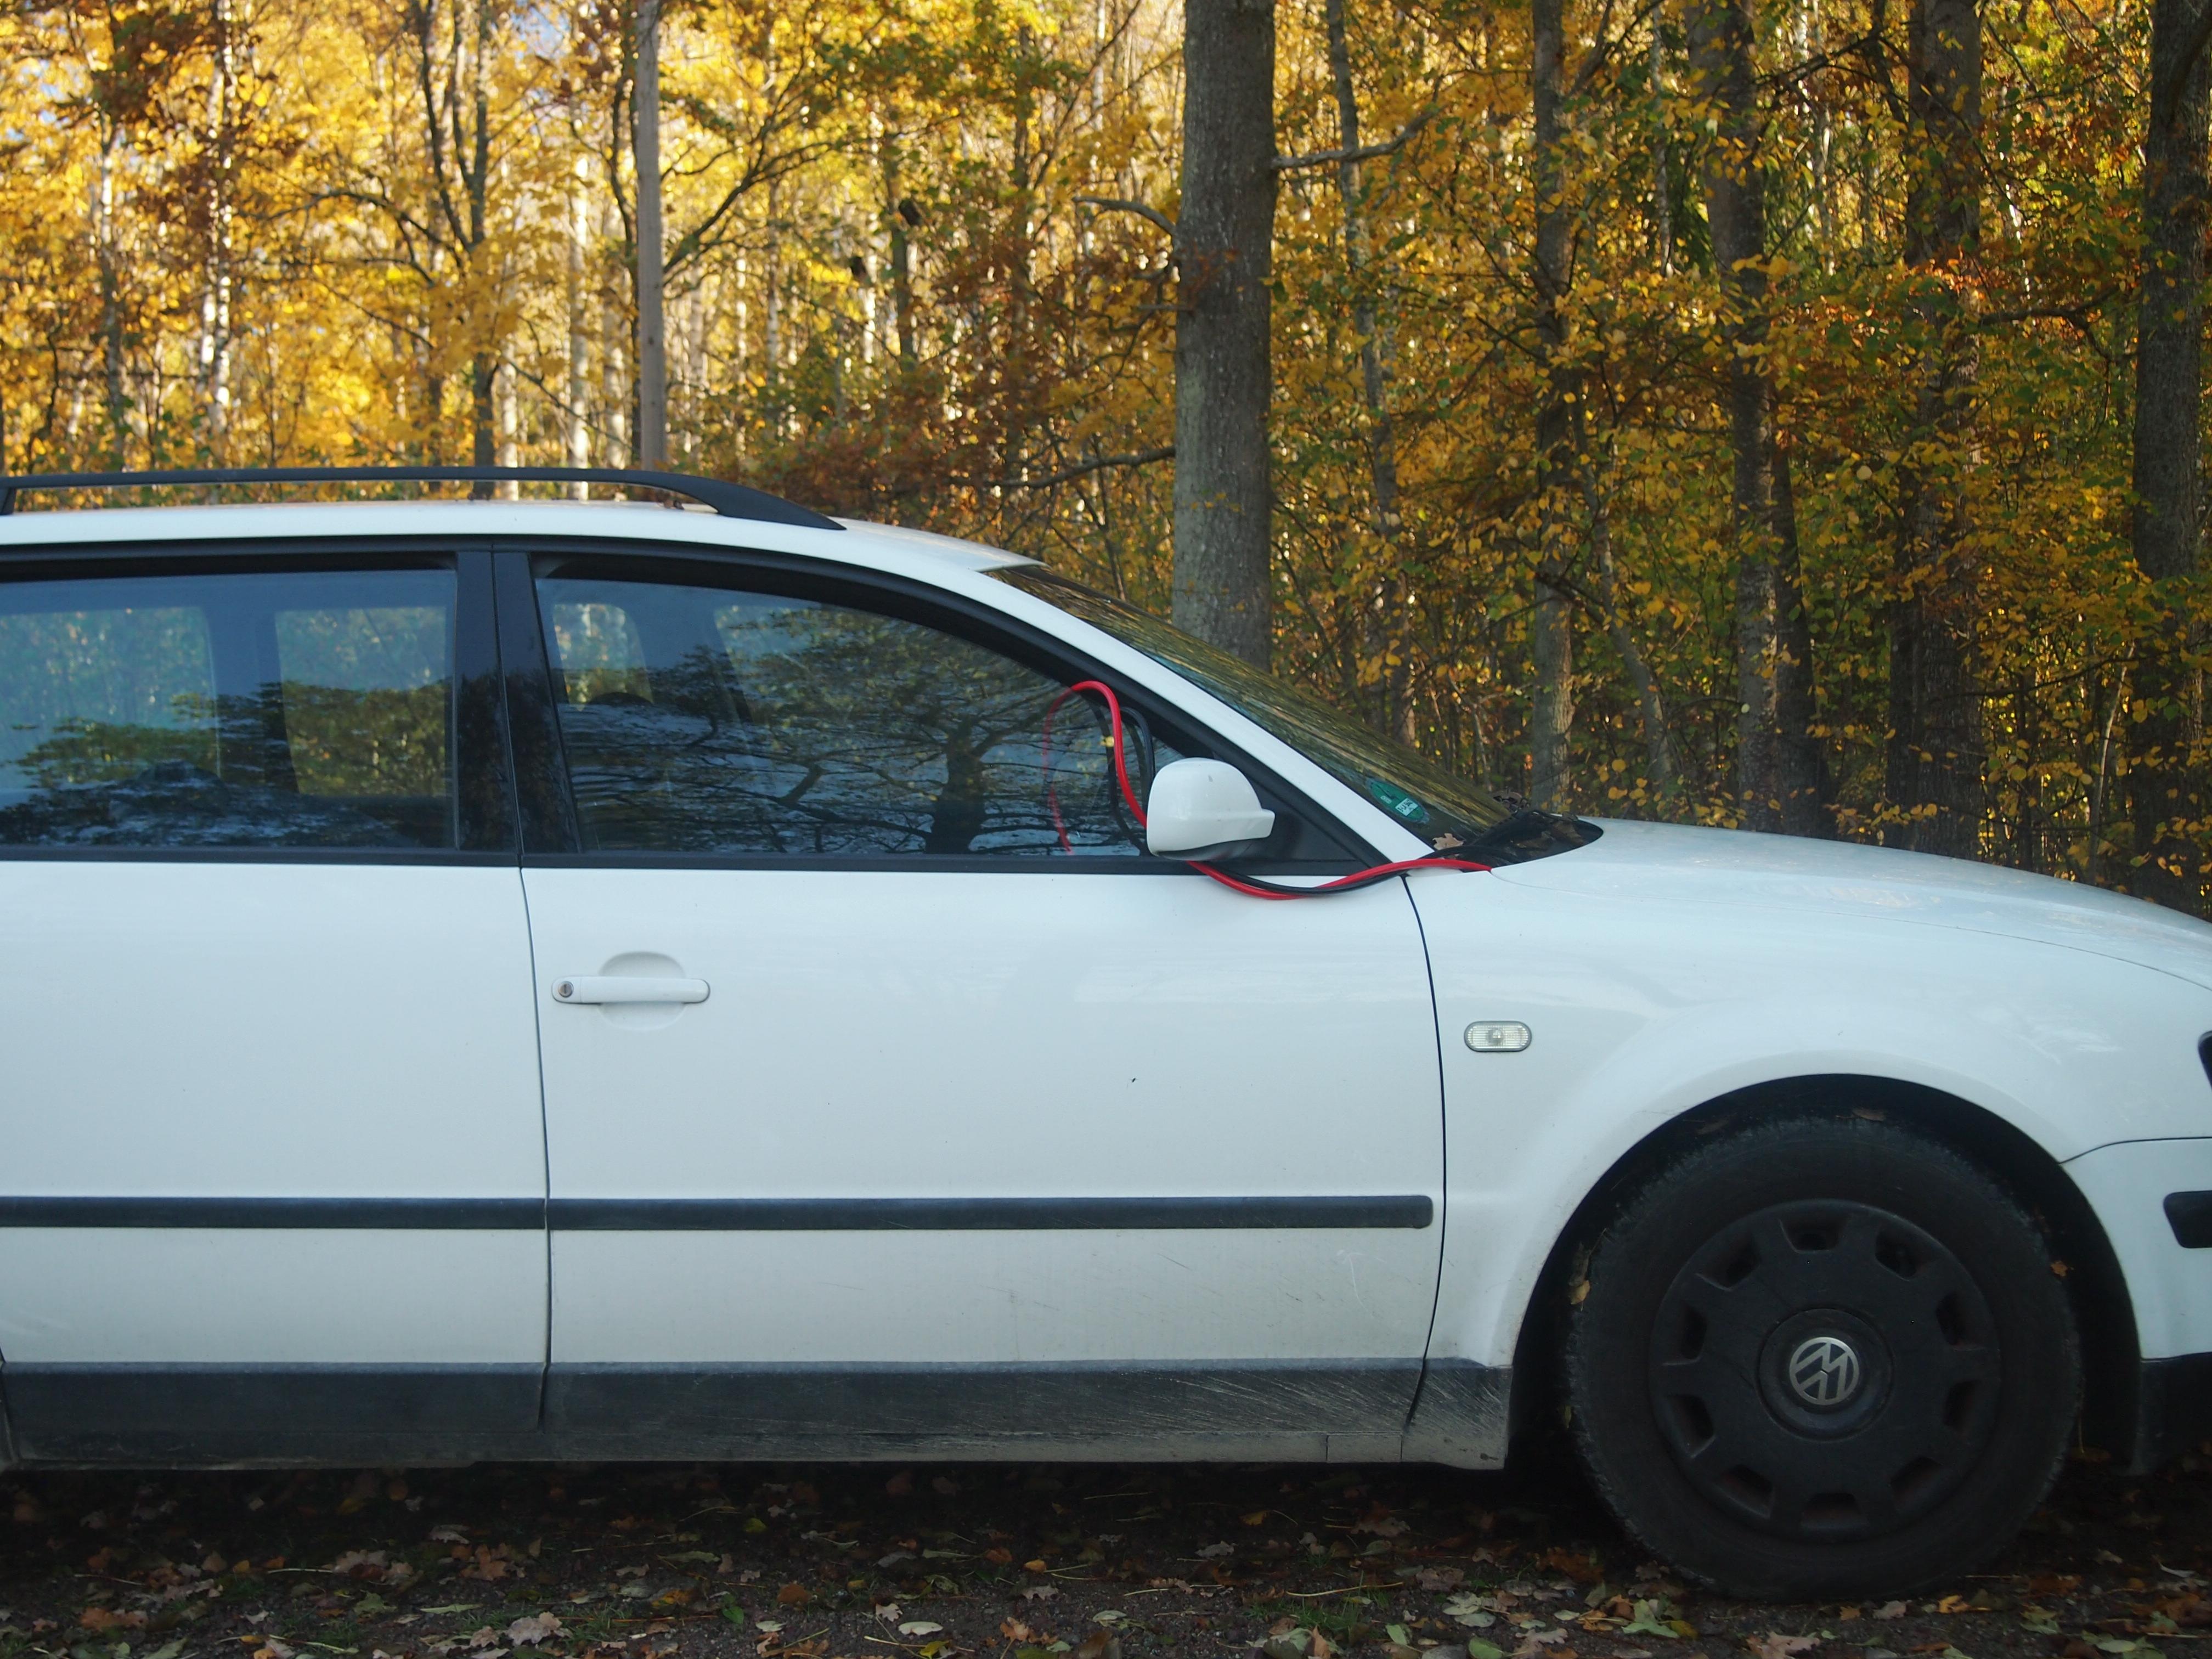 VW Mad Max